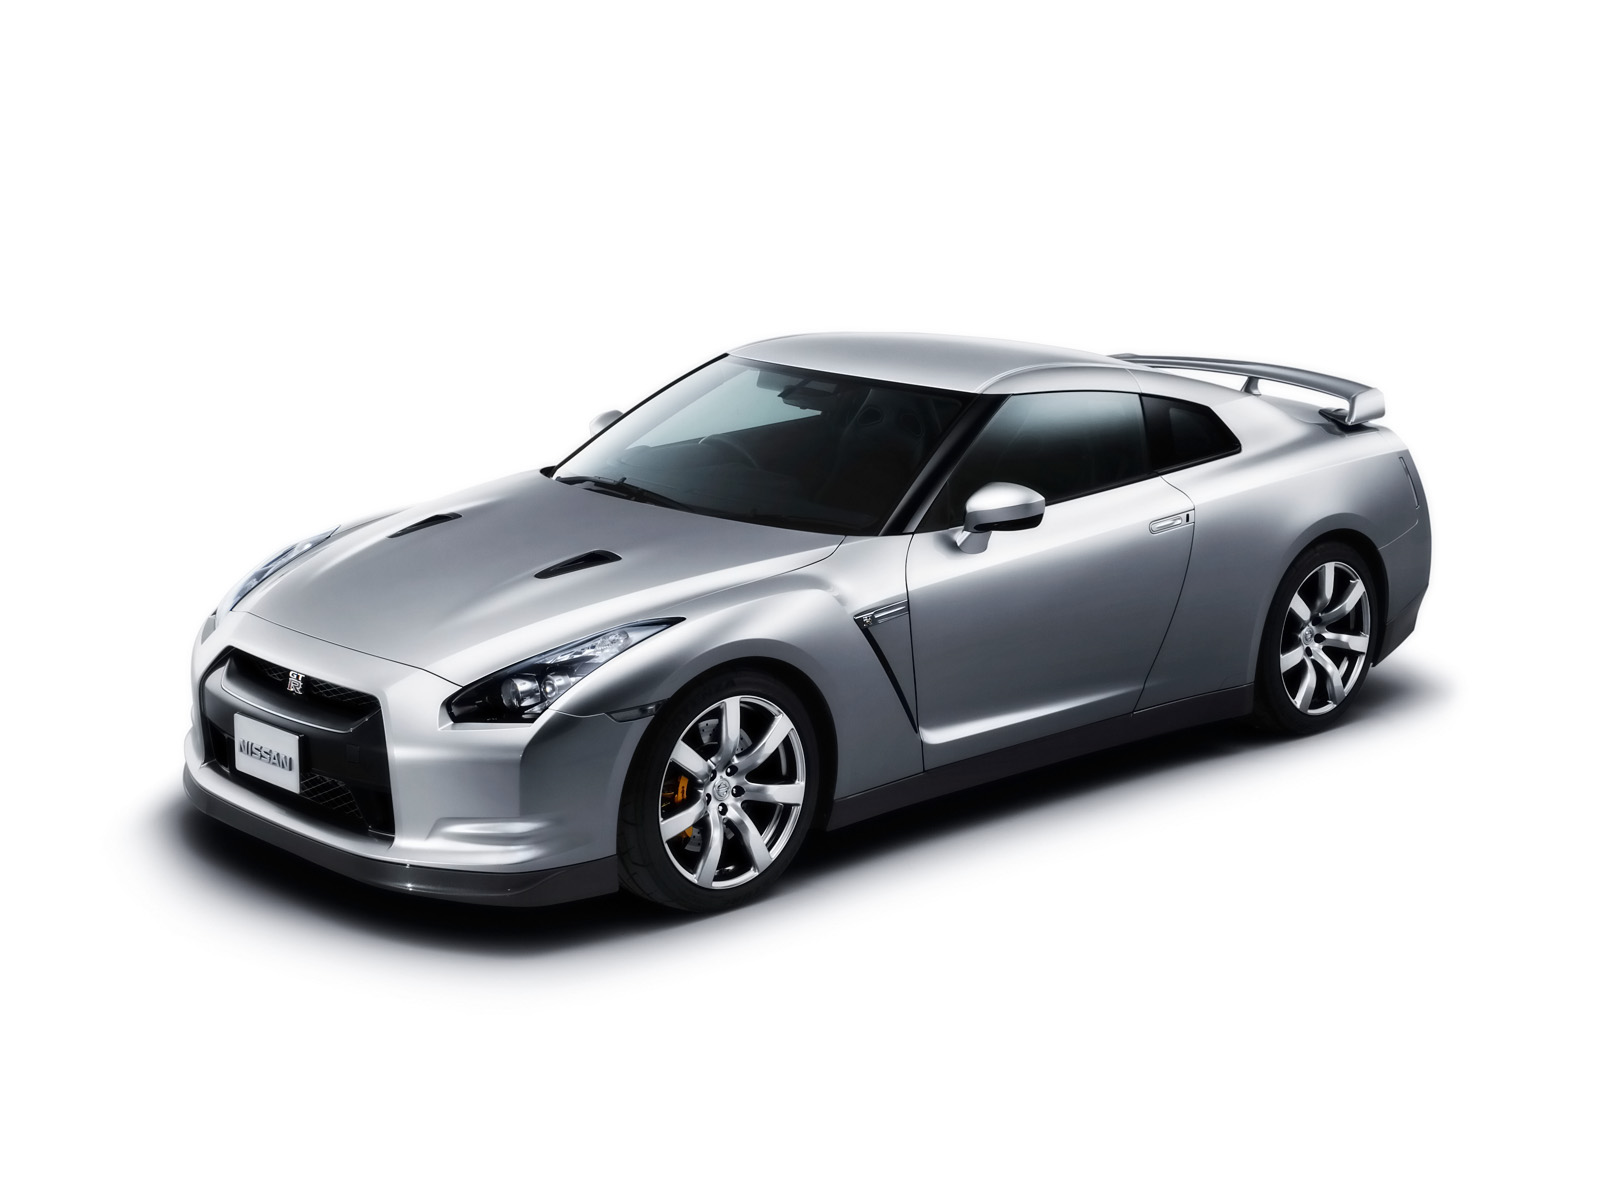 GT-R Concept